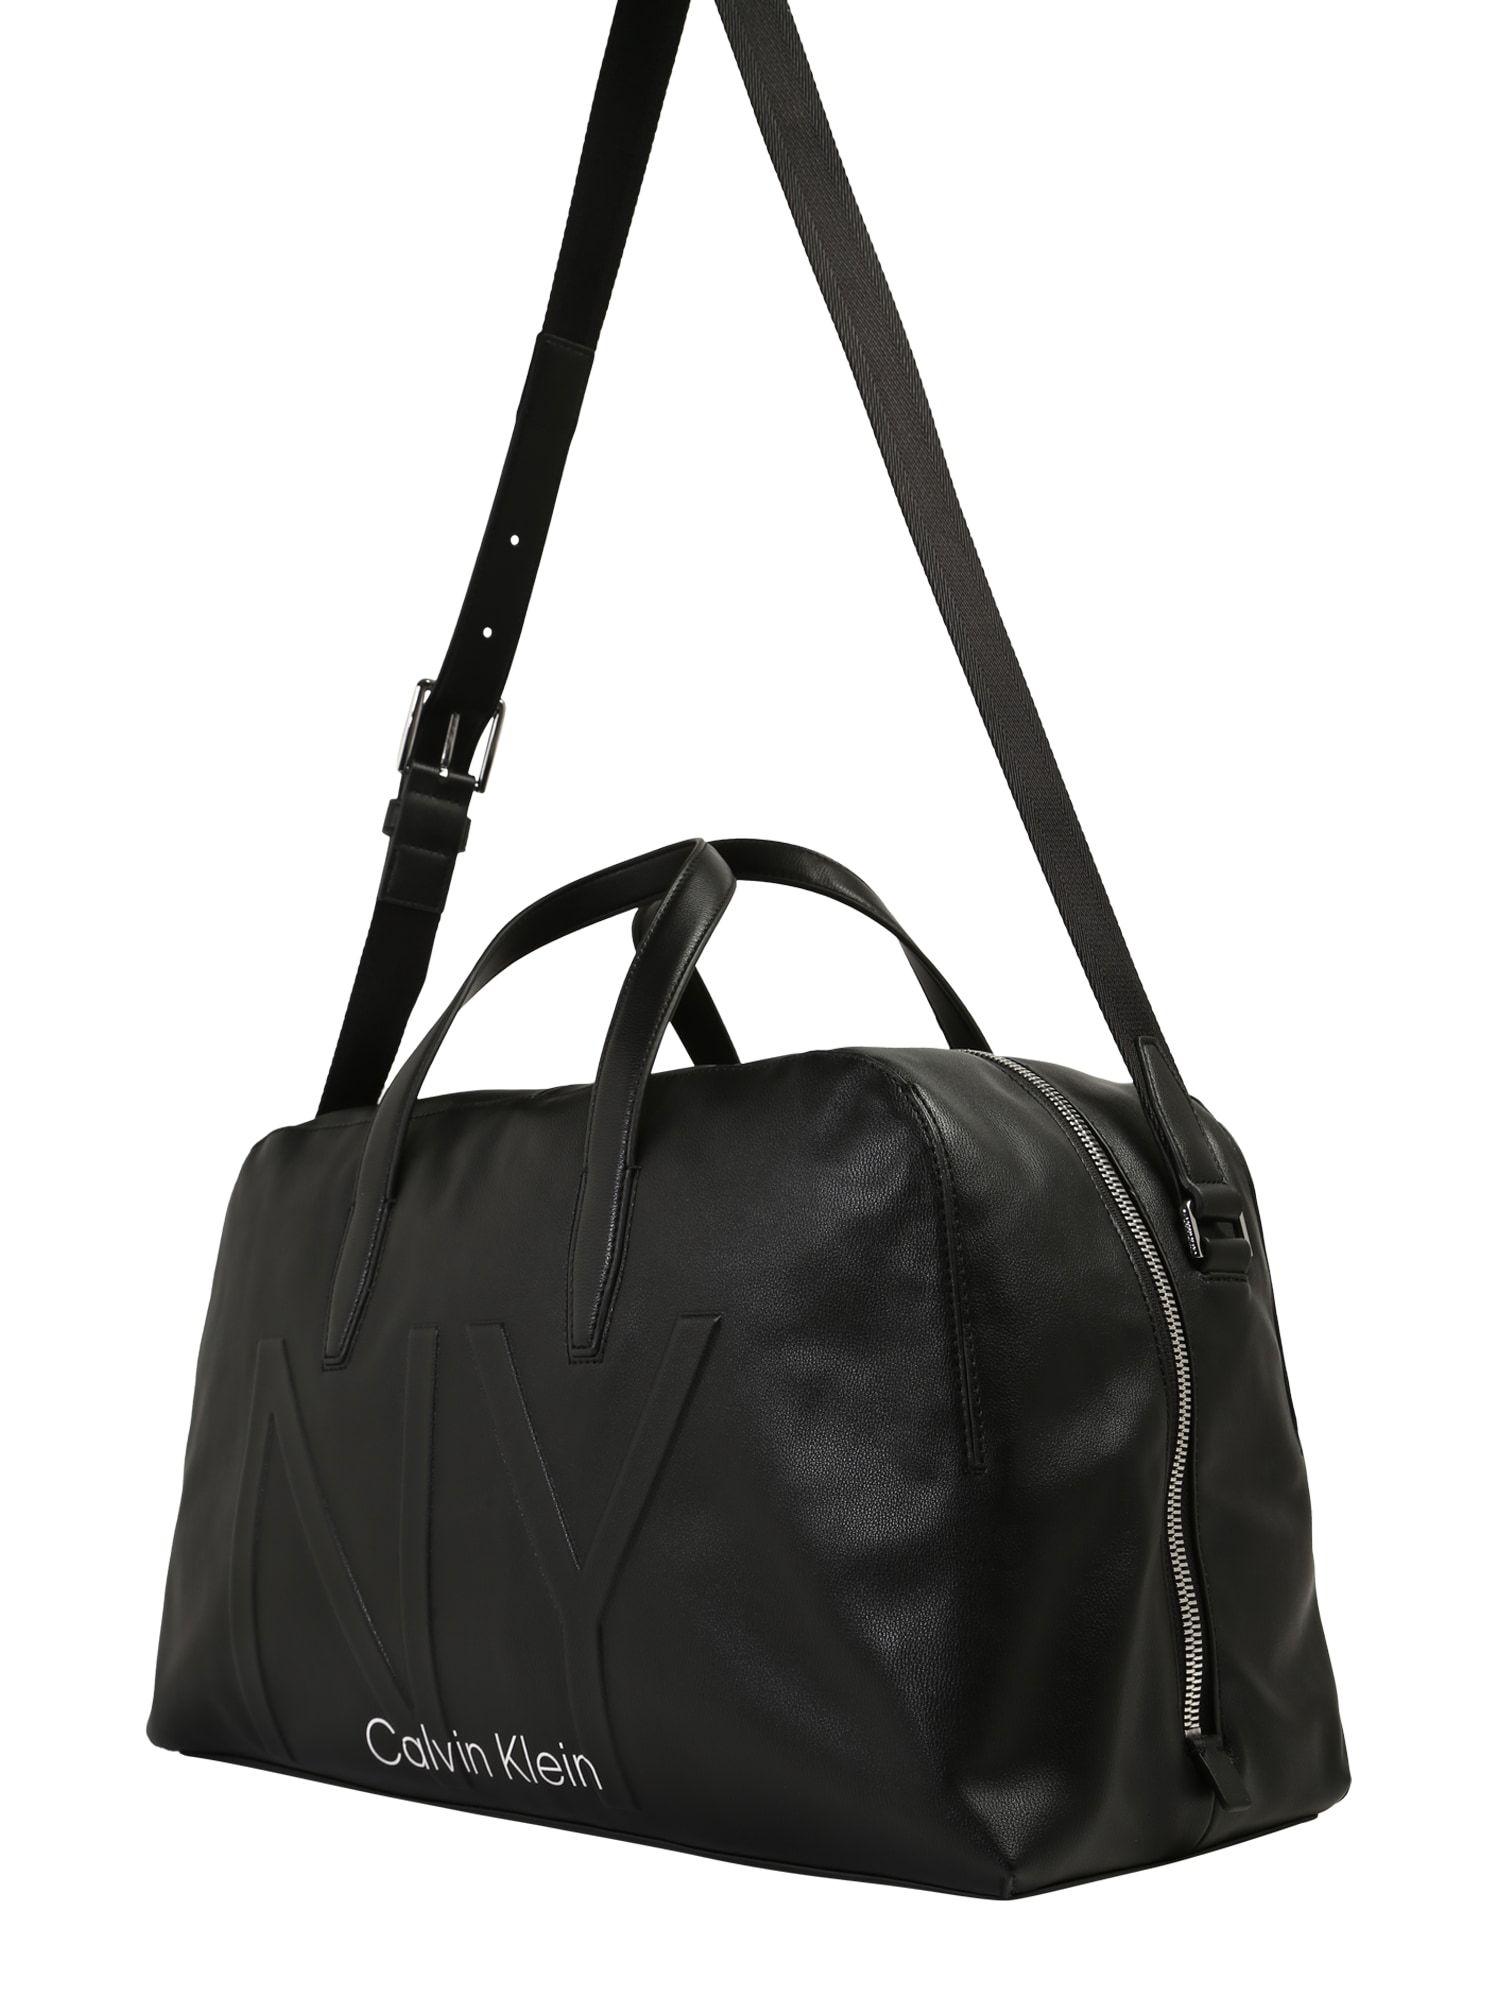 Calvin Klein Tasche Ny Shaped Large Duffle Herren Schwarz Grosse One Size Calvin Klein Taschen